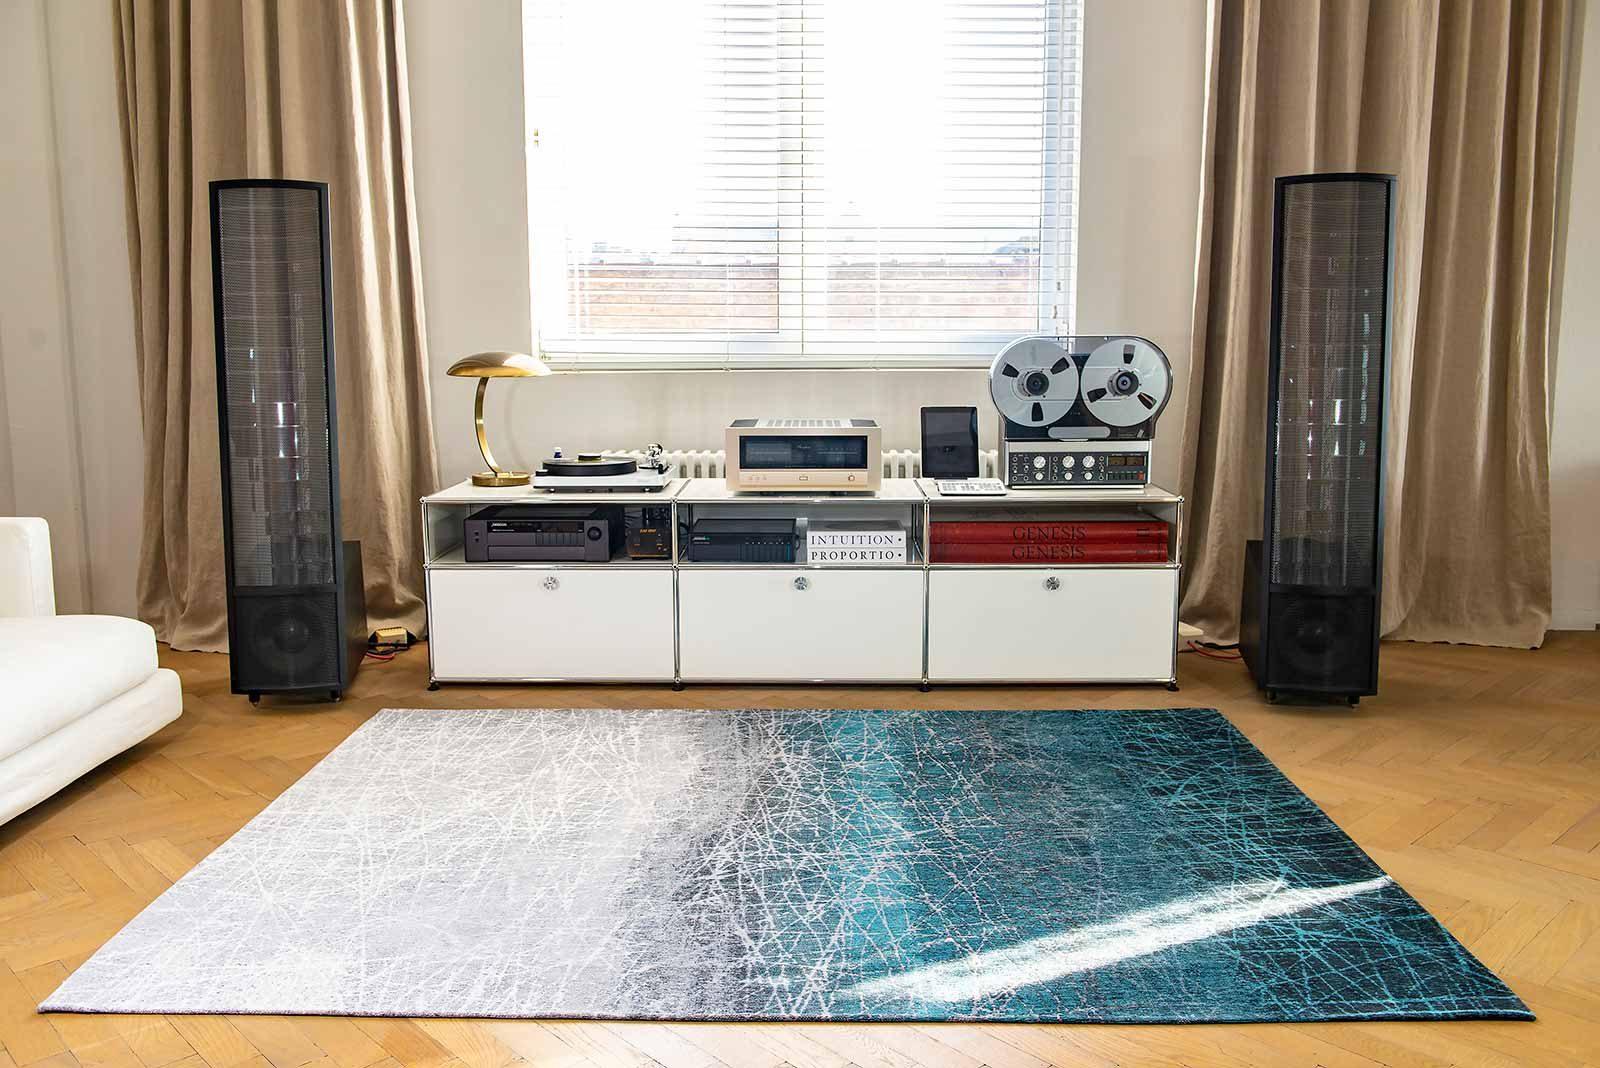 teppich Louis De Poortere LX 8877 Mad Men Fahrenheit Polar Vortex interior 2